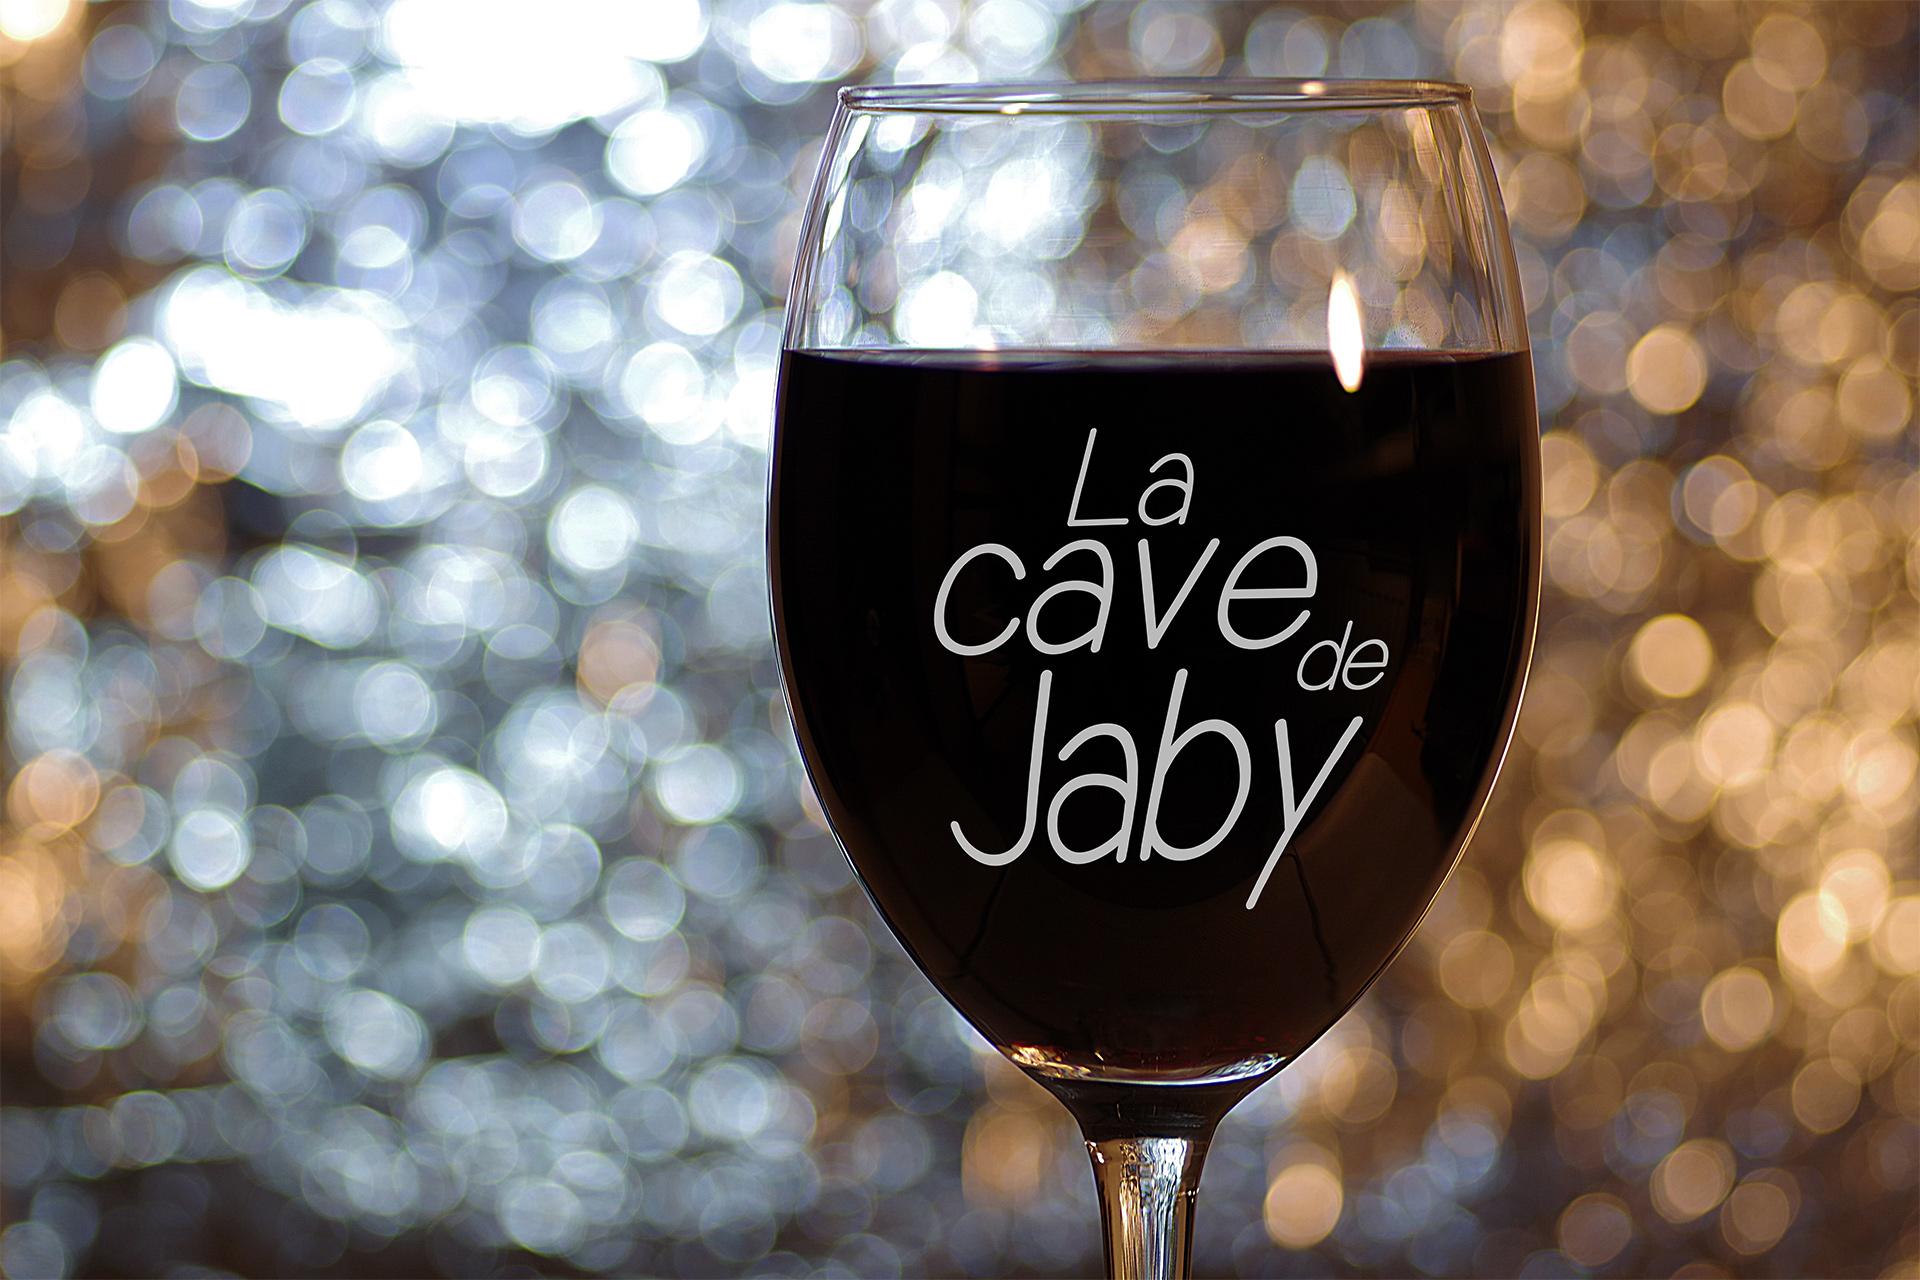 La-cave-de-jaby-02